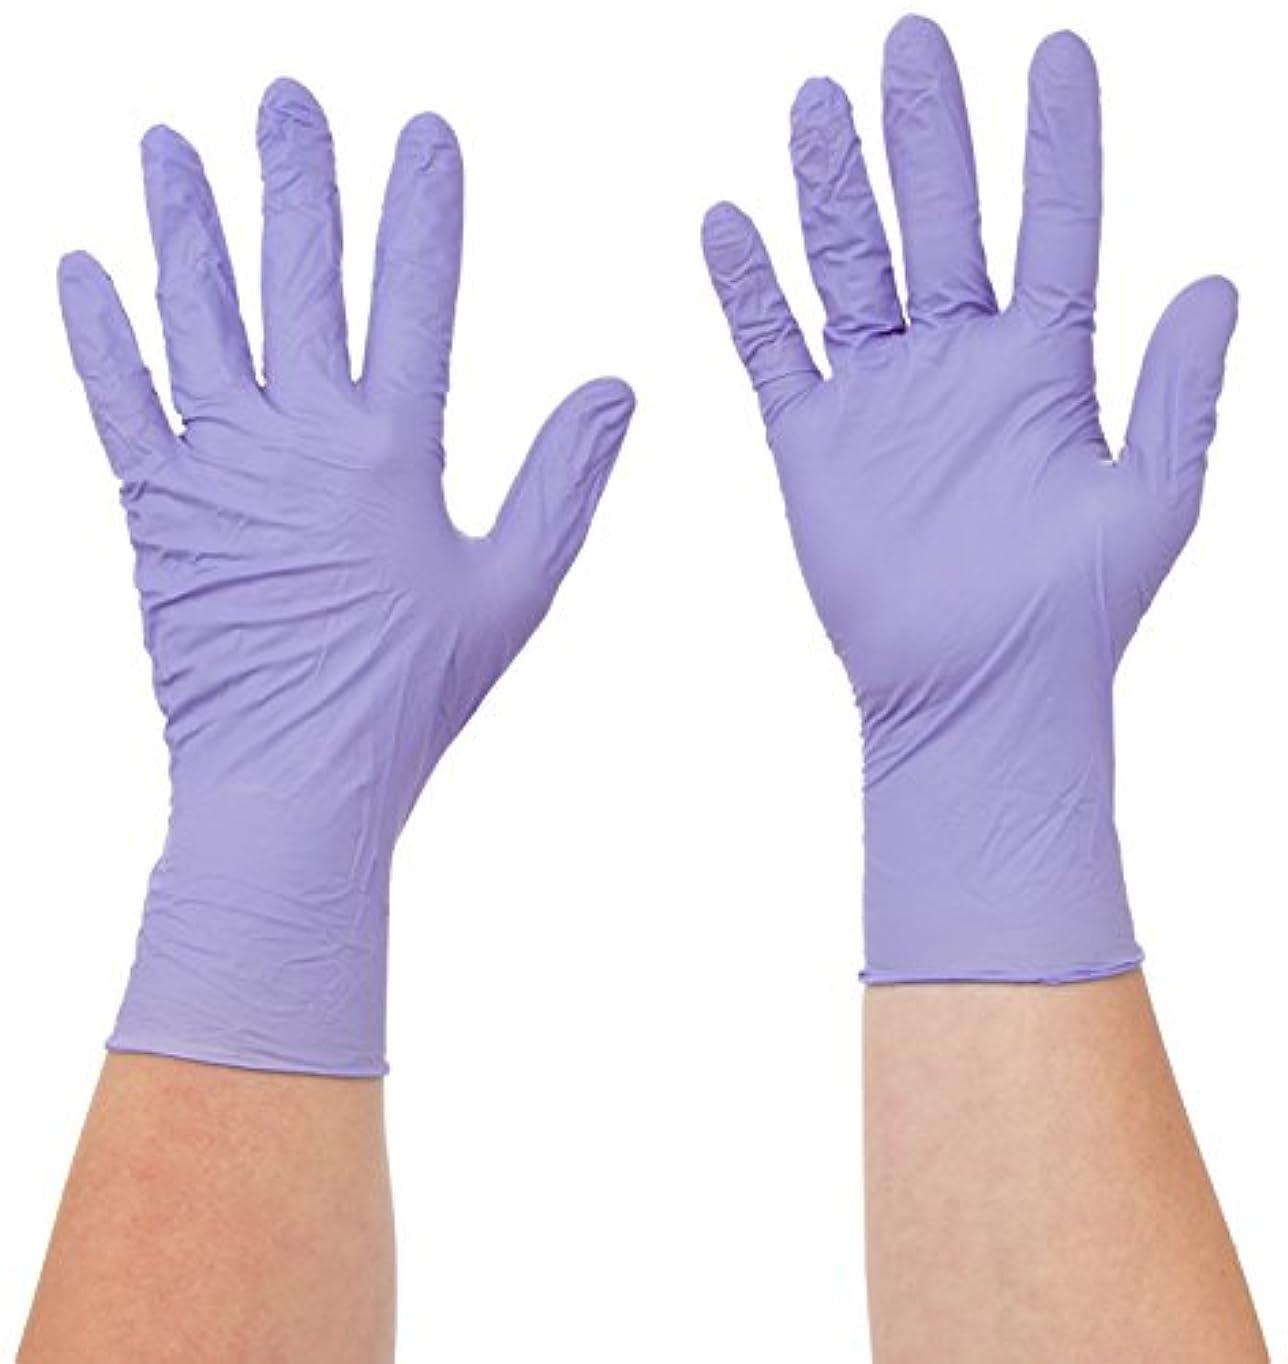 電報メタリック毎月Semperit 使い捨てニトリル手袋 Xtra Lite 0.14mm 粉無(入数:200枚) 3000001618